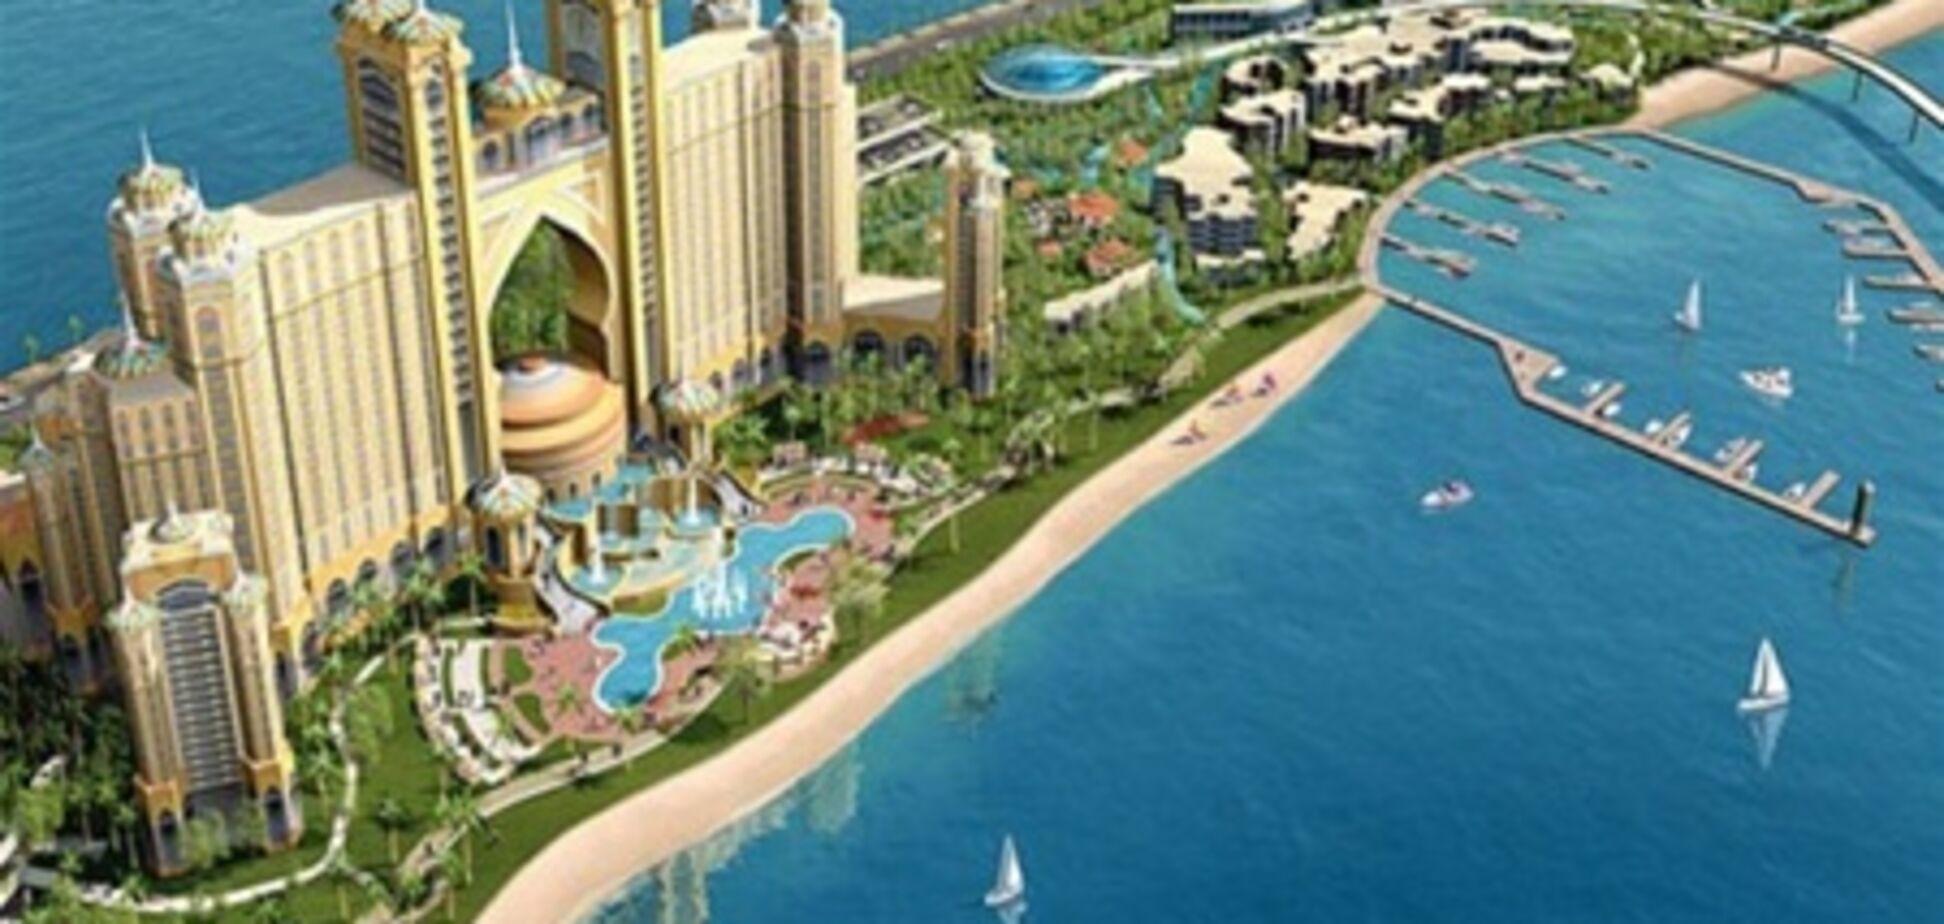 В 2012 году на рынке недвижимости Дубая появится 23 000 новых единиц жилья